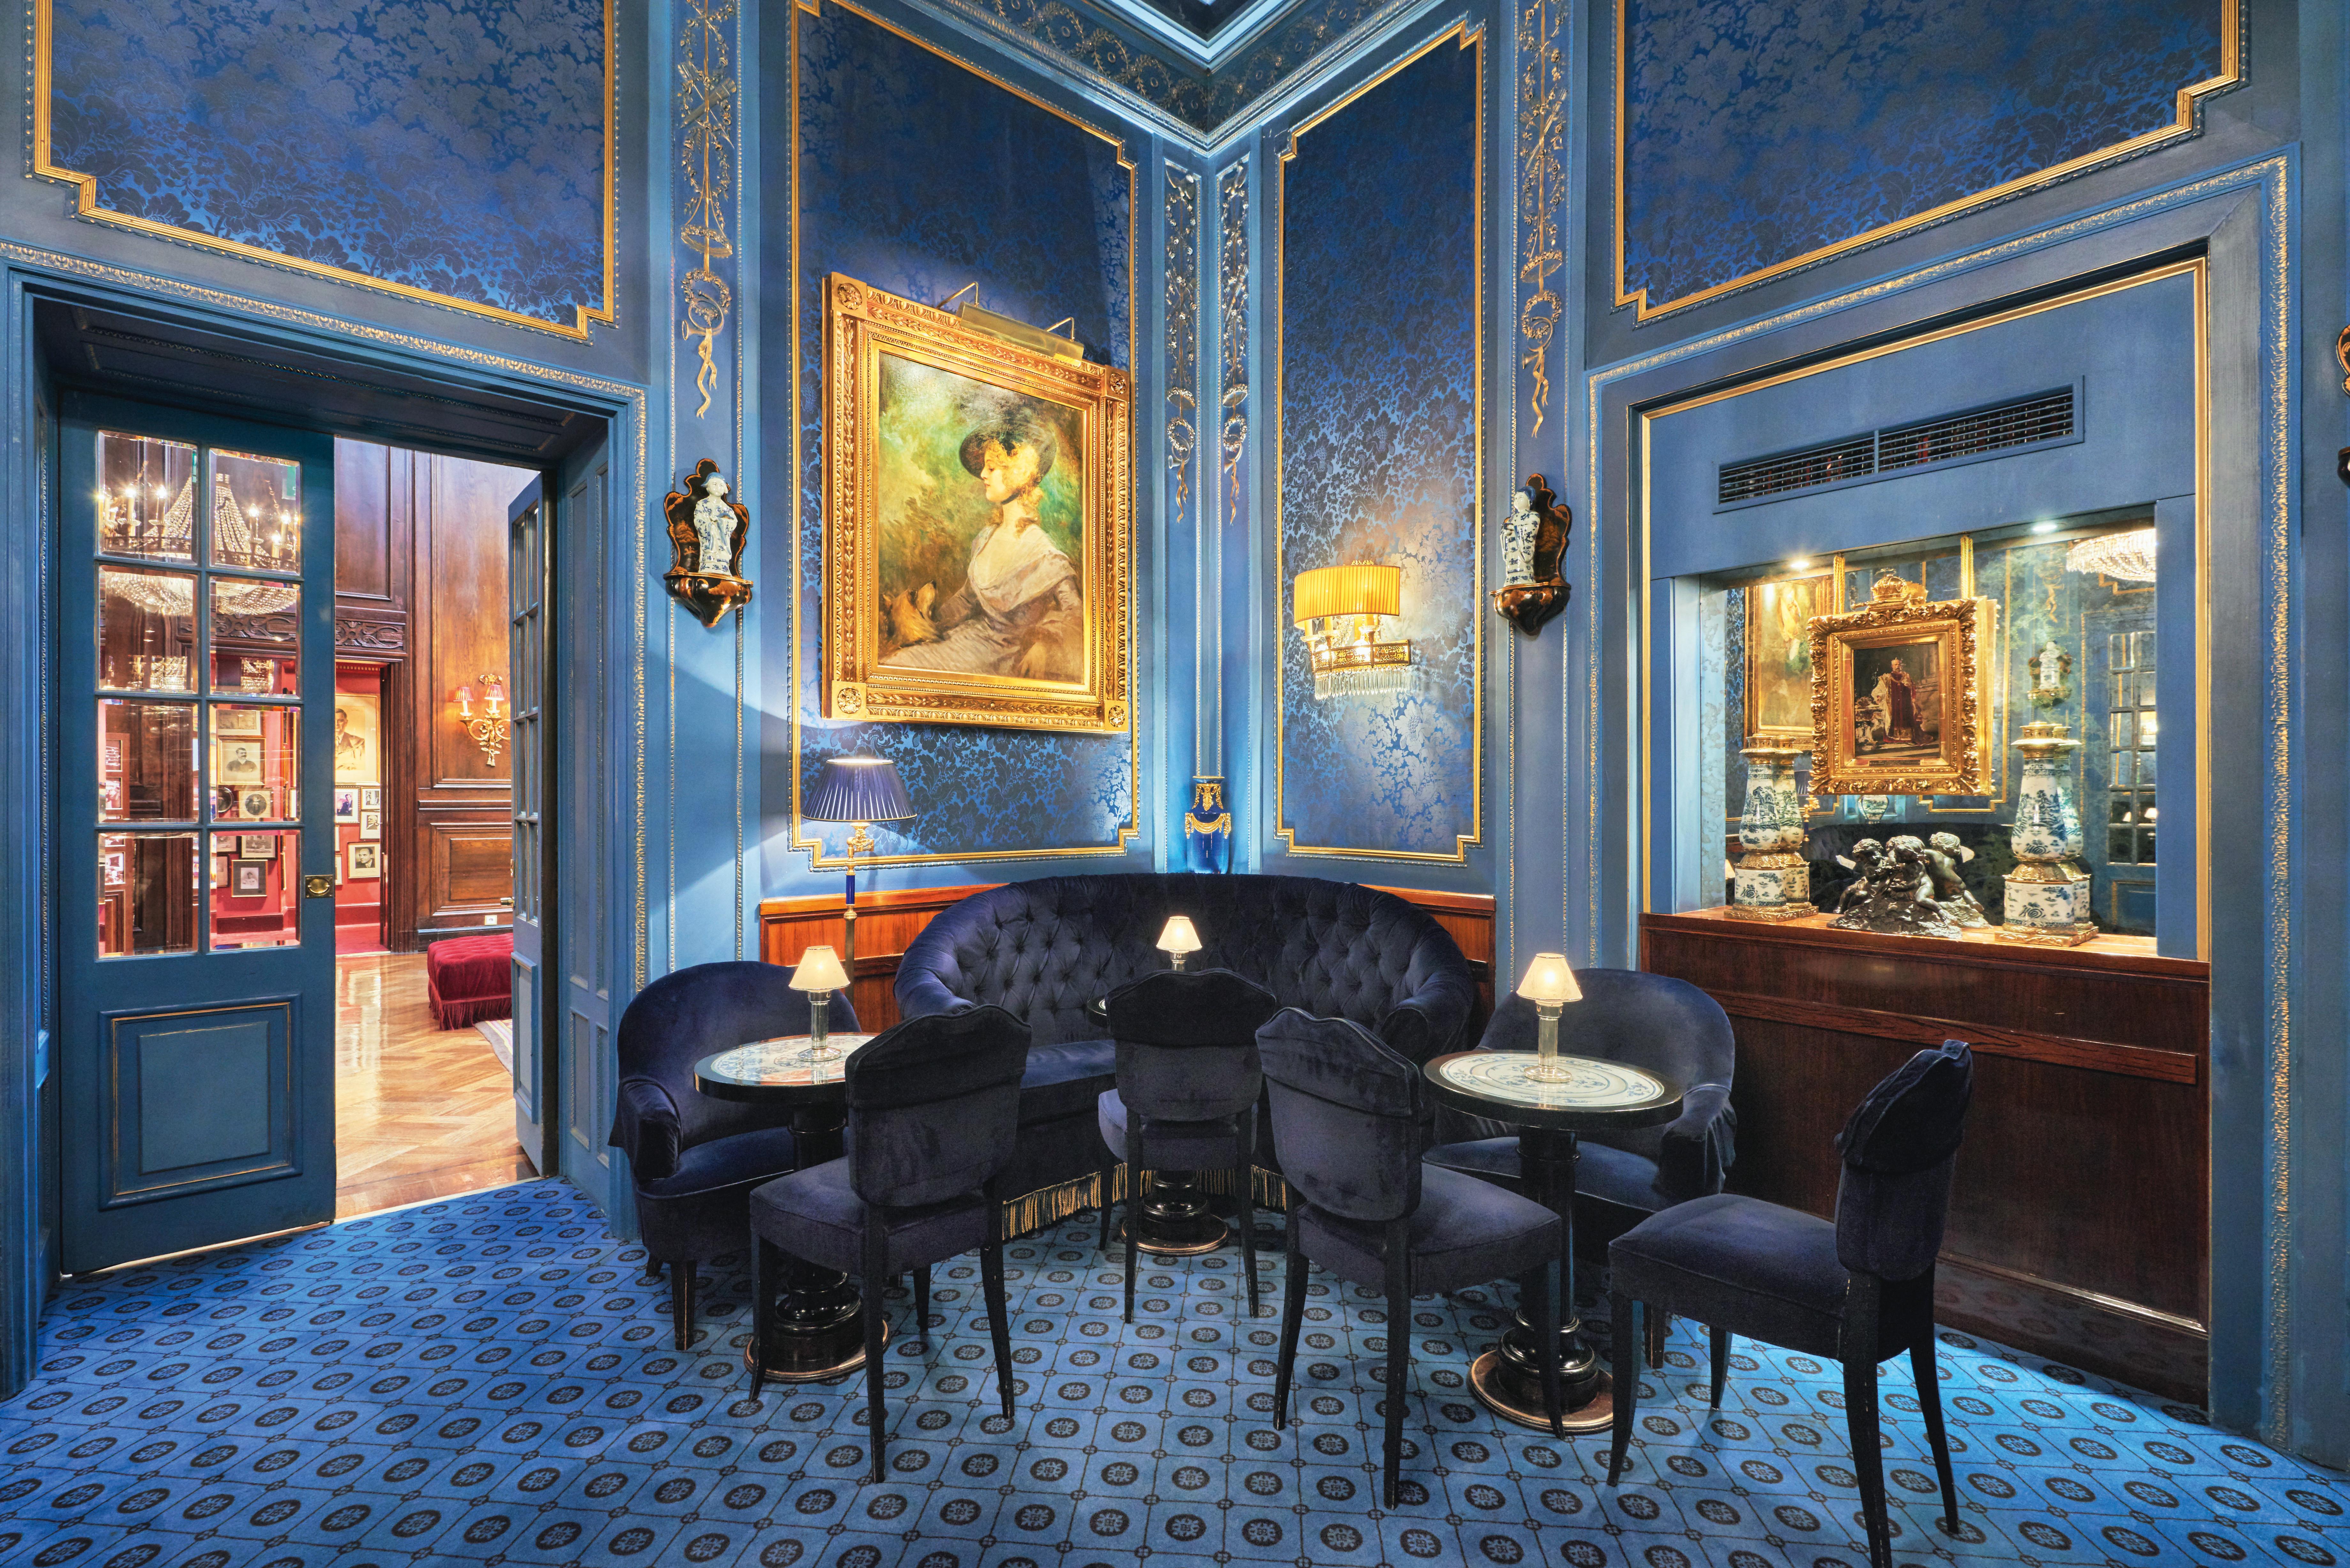 Hotel Paris Als Bild